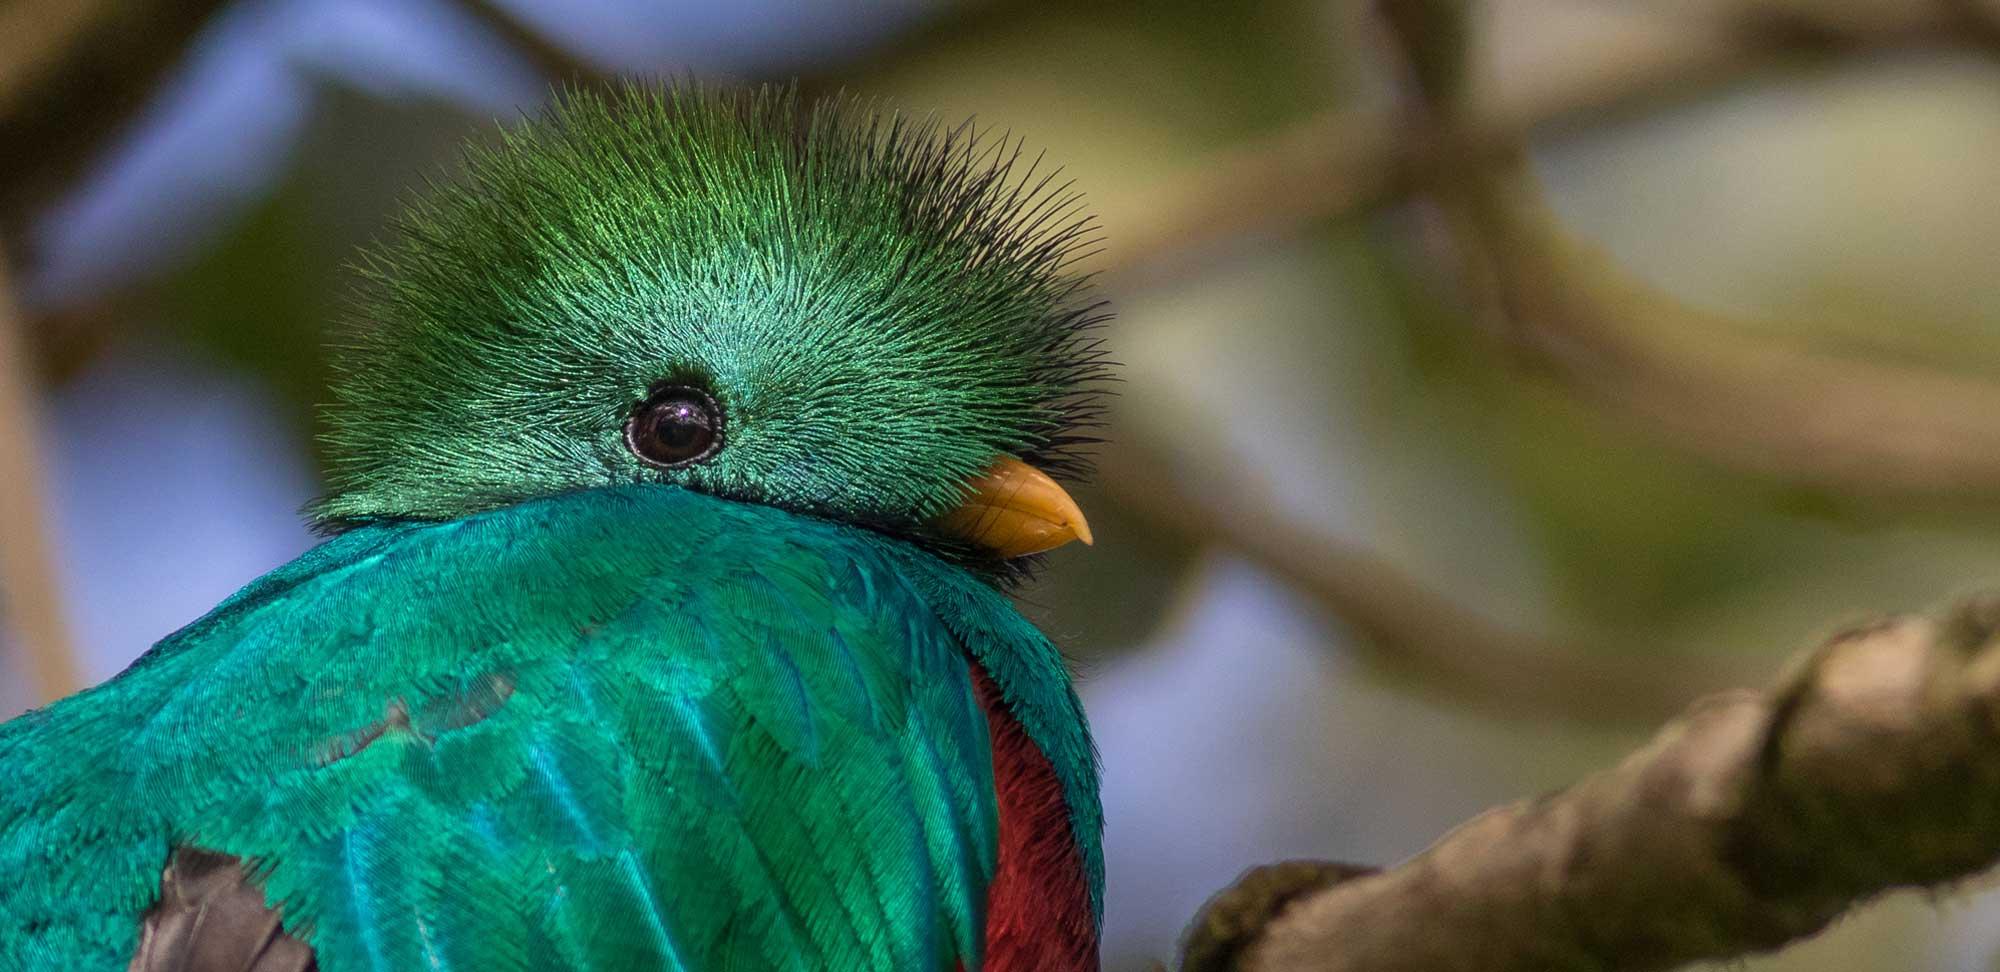 Resplendent Quetzal Field Guides Birding Tours Costa rica